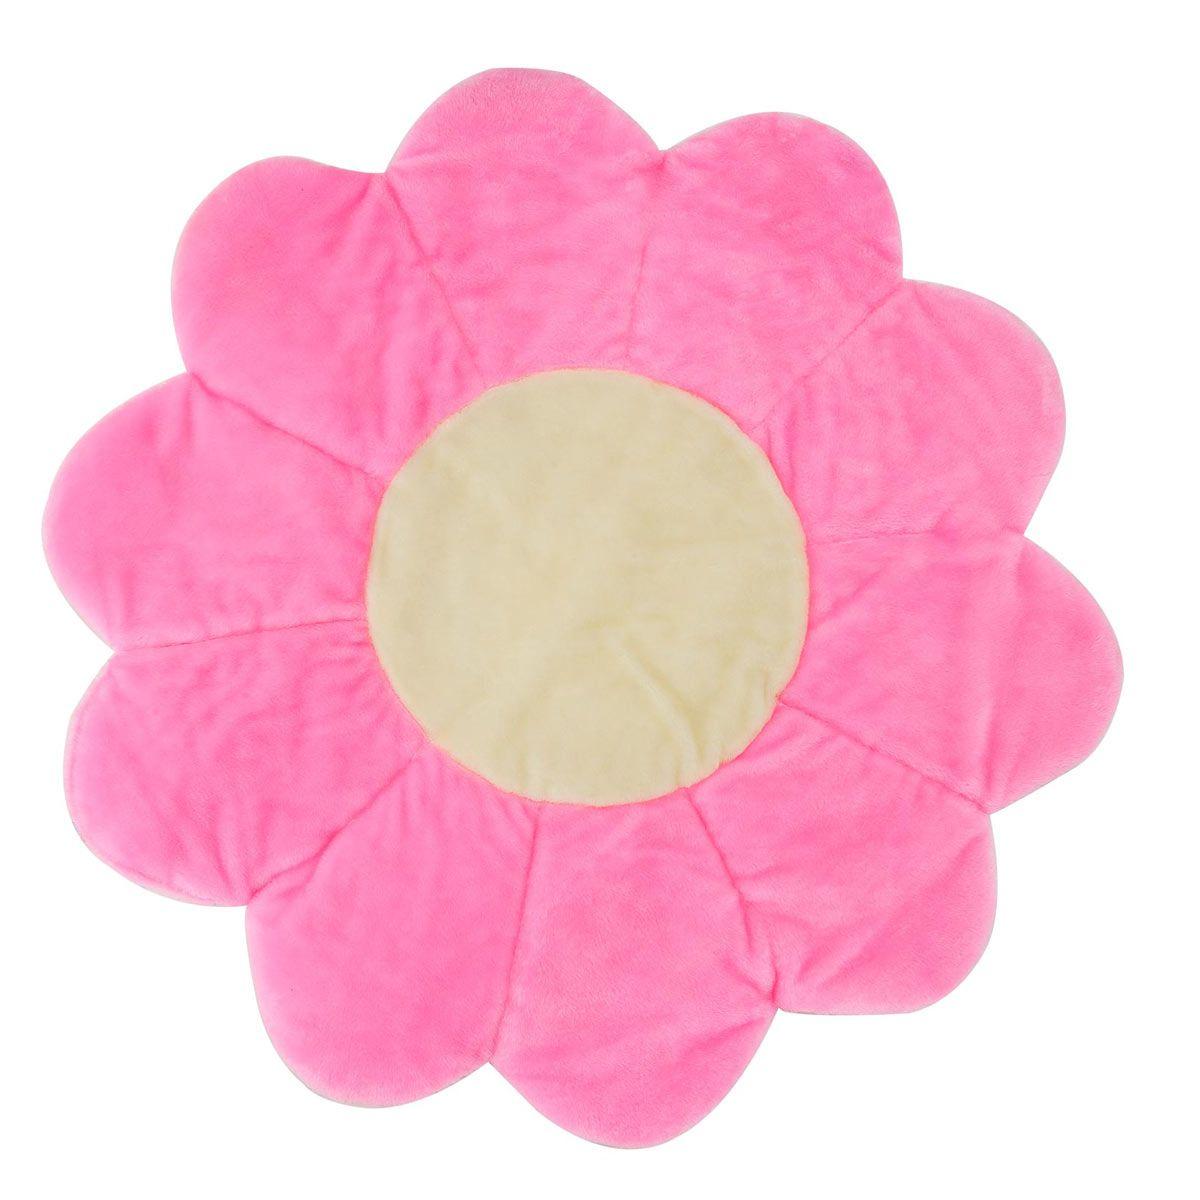 Tapete para Quarto de Bebê Flor 1,10m x 1,10 Rosa - Antialérgico